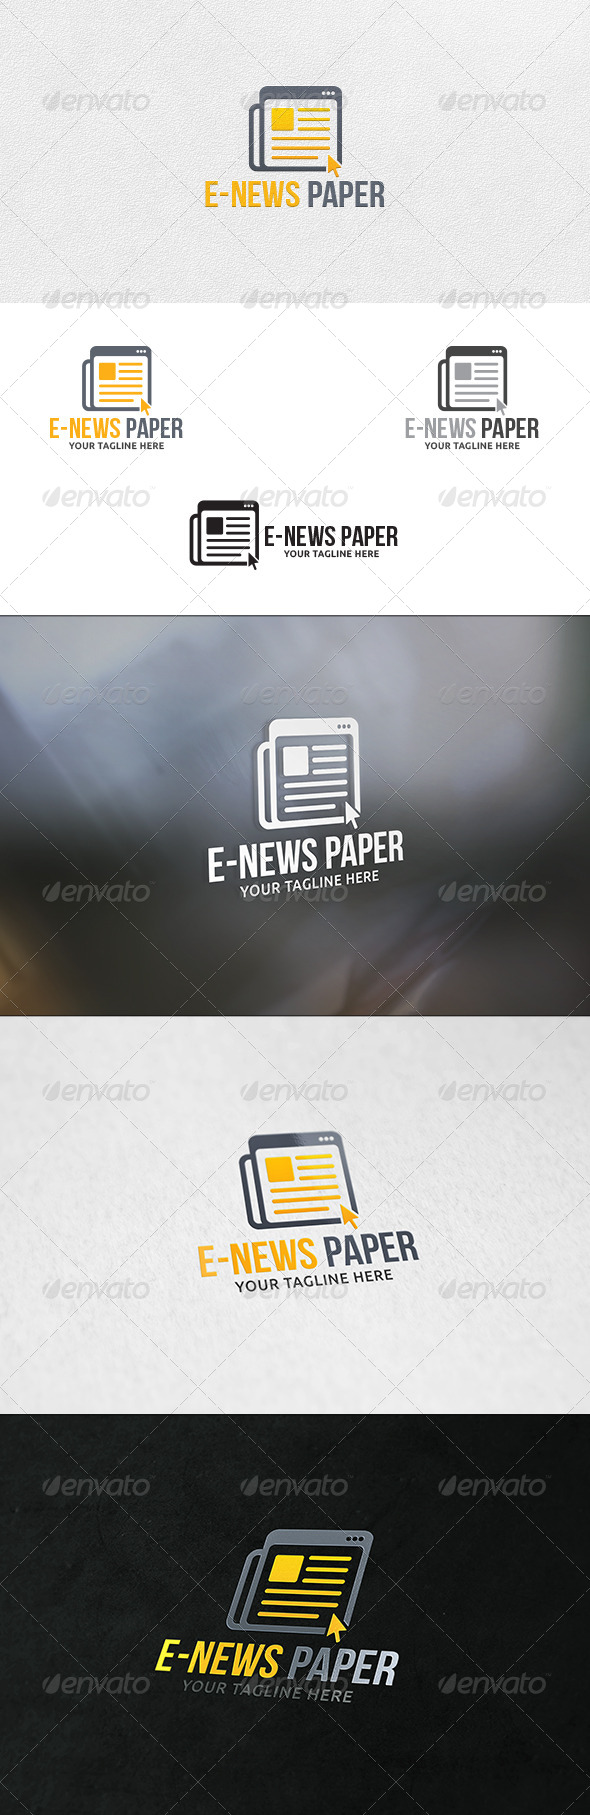 GraphicRiver E-News Paper Logo Template 6709810